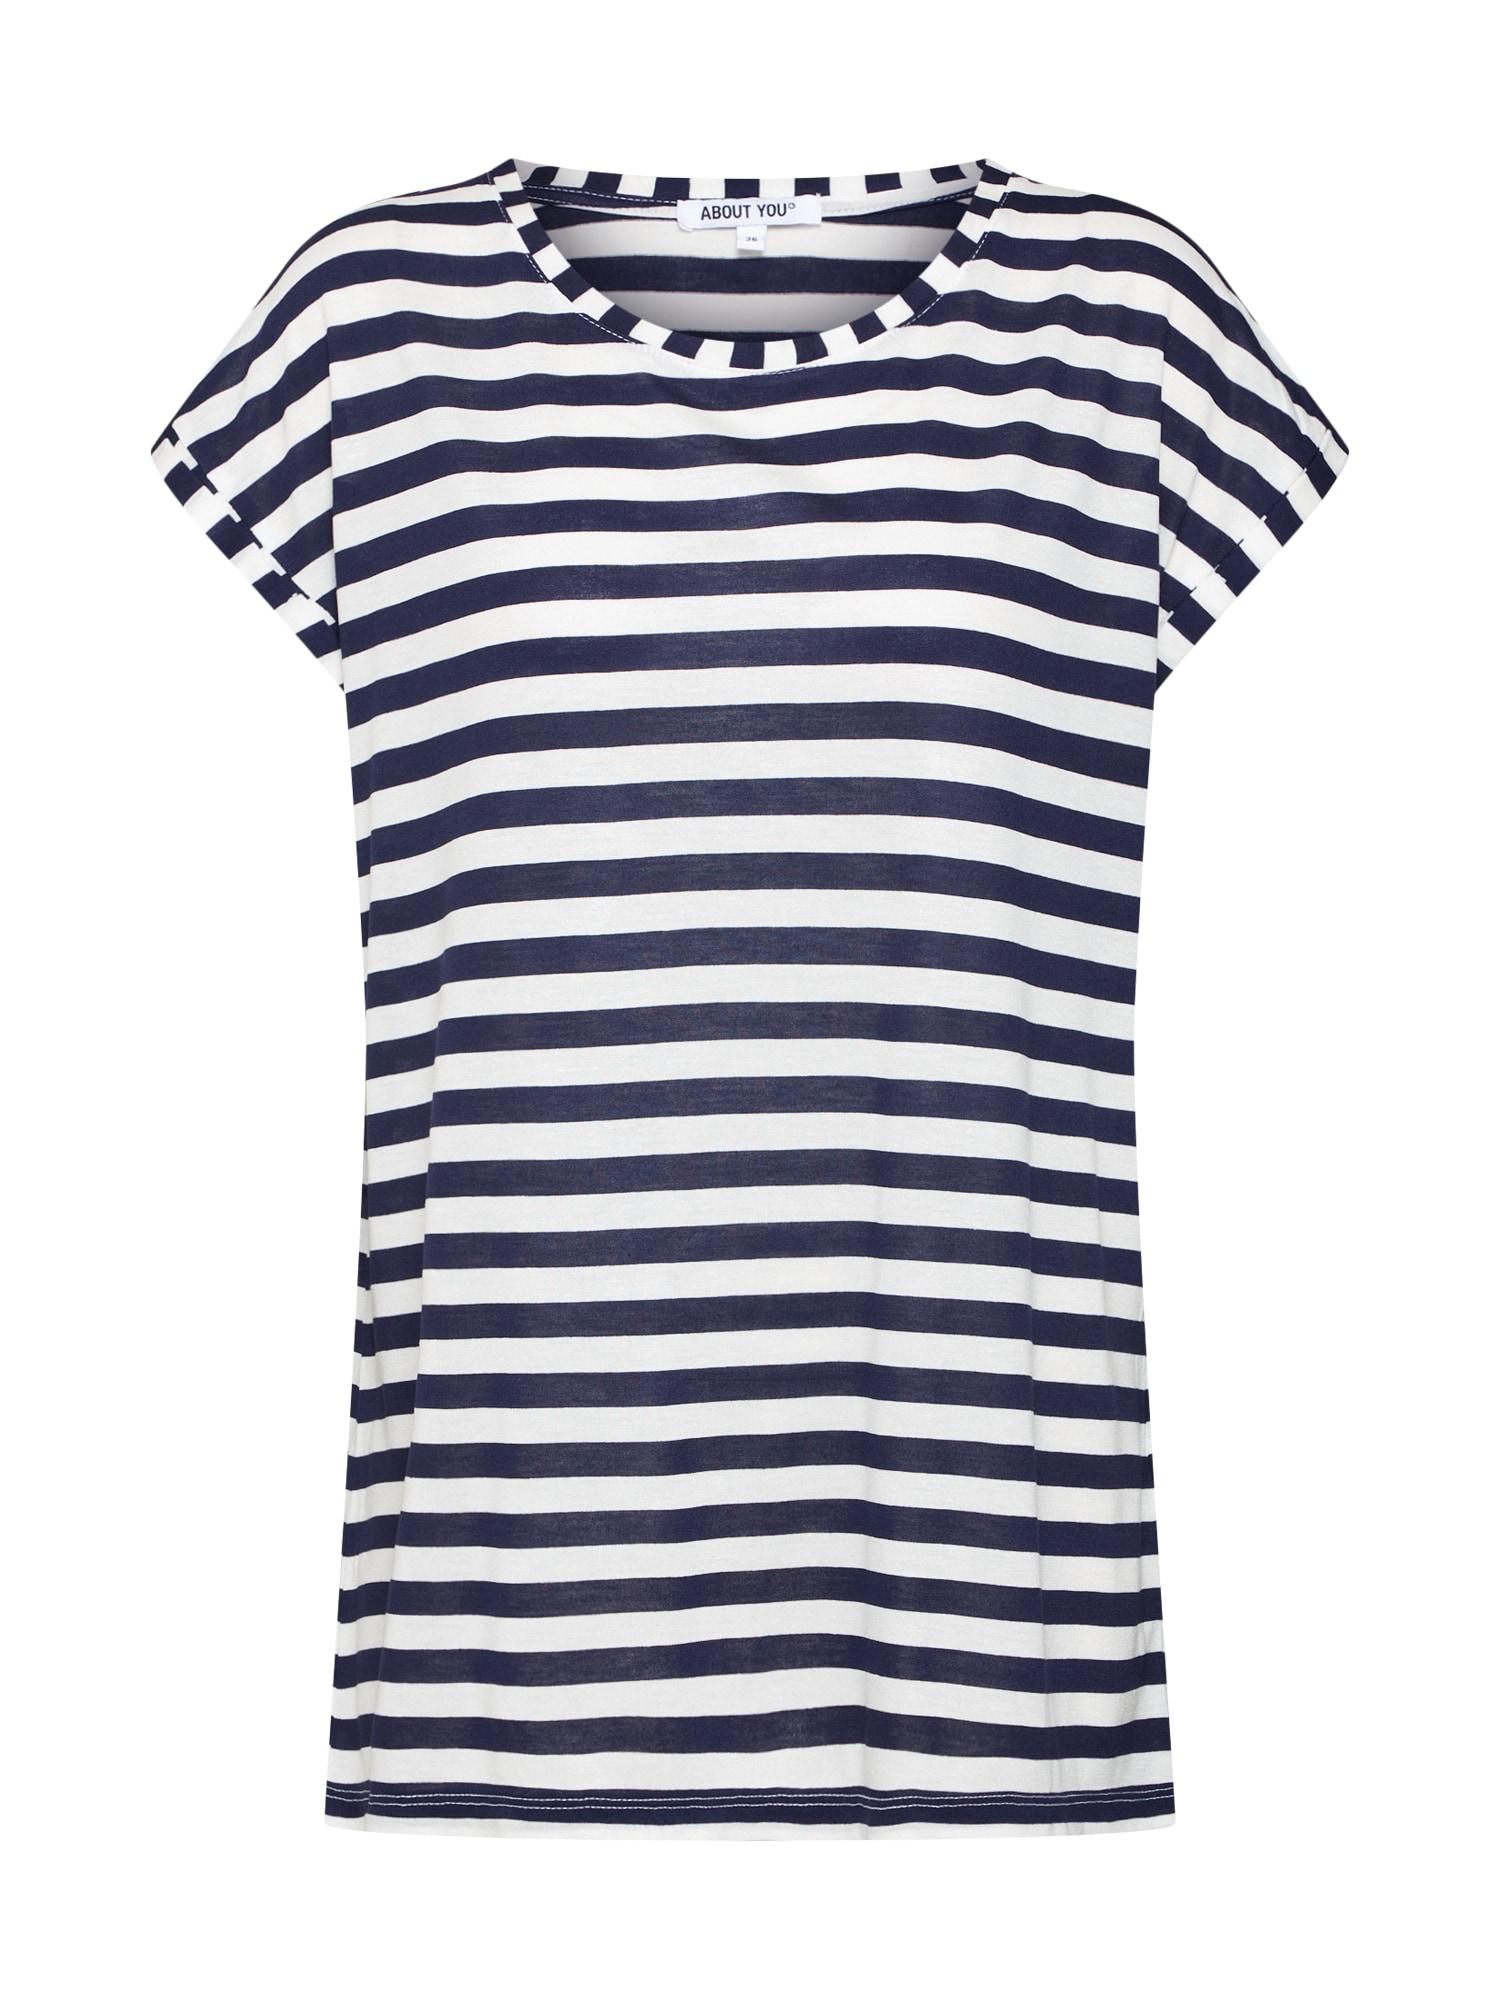 Tričko Alicia námořnická modř bílá ABOUT YOU